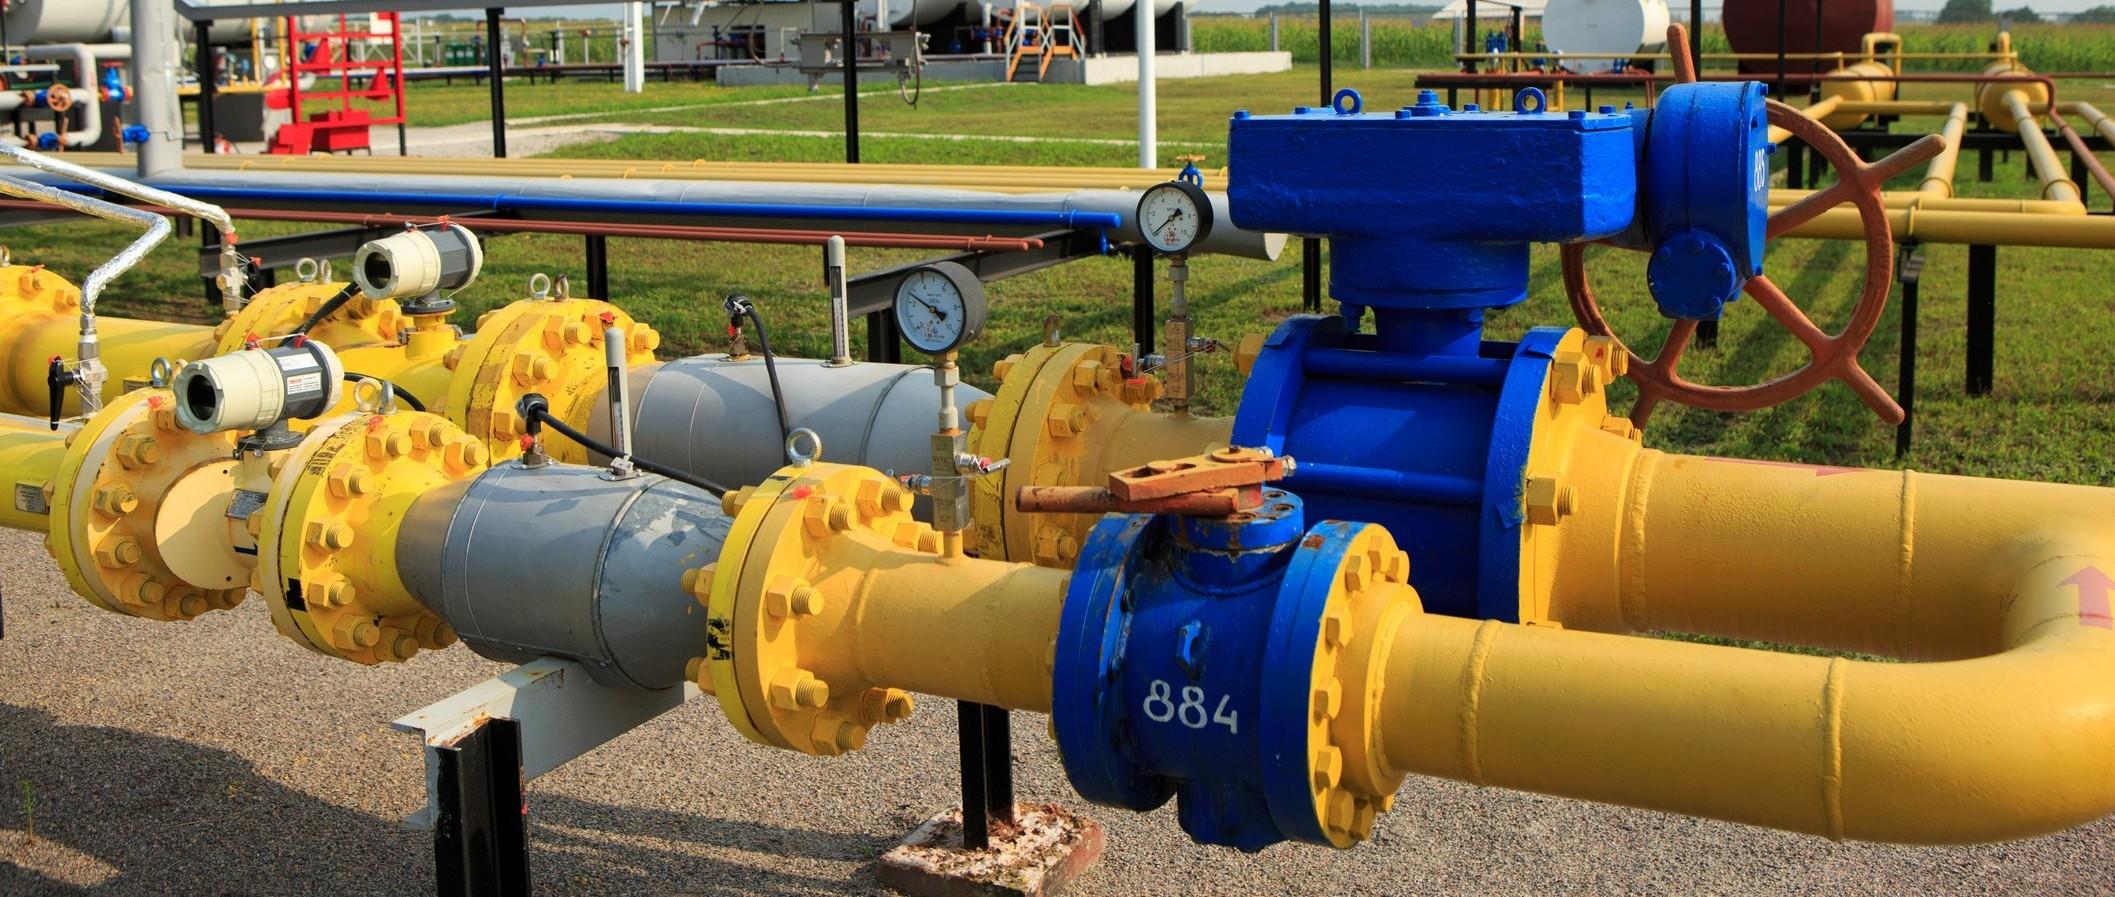 Цена на газ в Украине может быть снижена к 2020 году